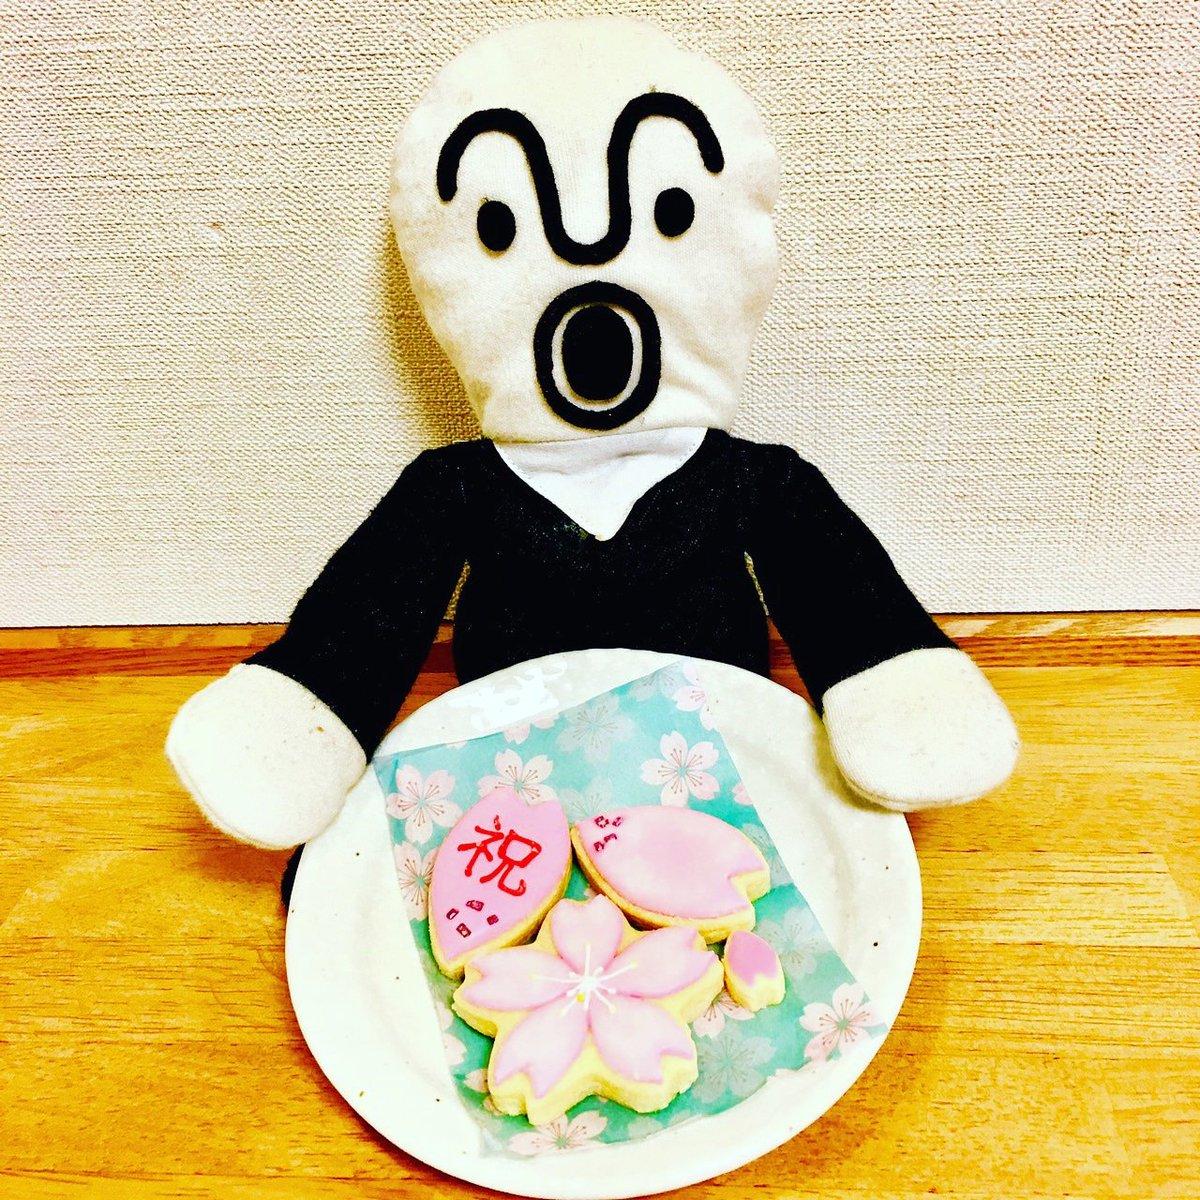 ご入学おめでとうございますおぺ~♪ #桜 の #アイシングクッキー おぺ〜♪ 可愛くて美味しくてブラーヴォ‼︎  #桜のお菓子 #春 #オペラくん #ぬい撮り #ゆるキャラ #入学式 #おめでとうございます